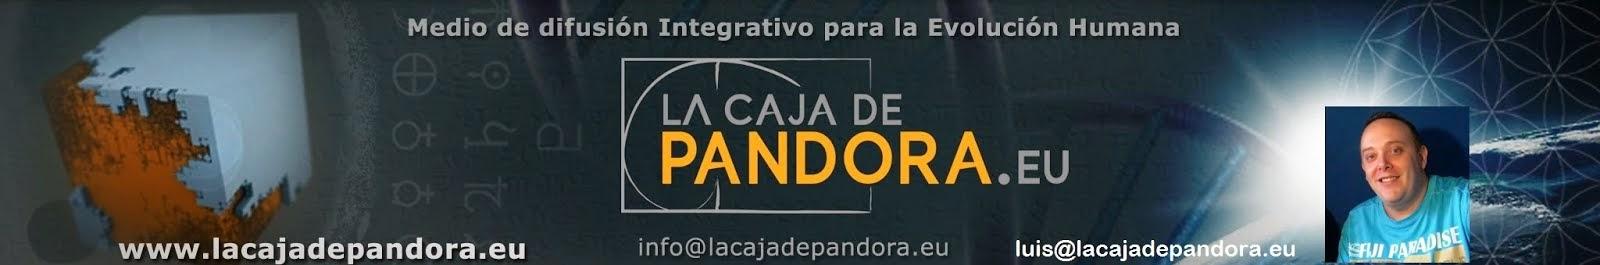 * Luis Palacios - REPORTEROS CIUDADANOS - Con Consciencia